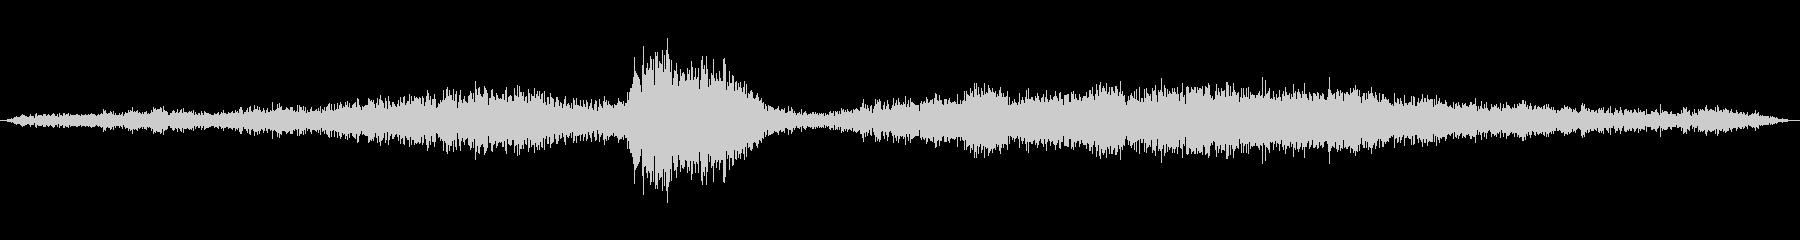 1978シェビーヴァン:速くドライ...の未再生の波形